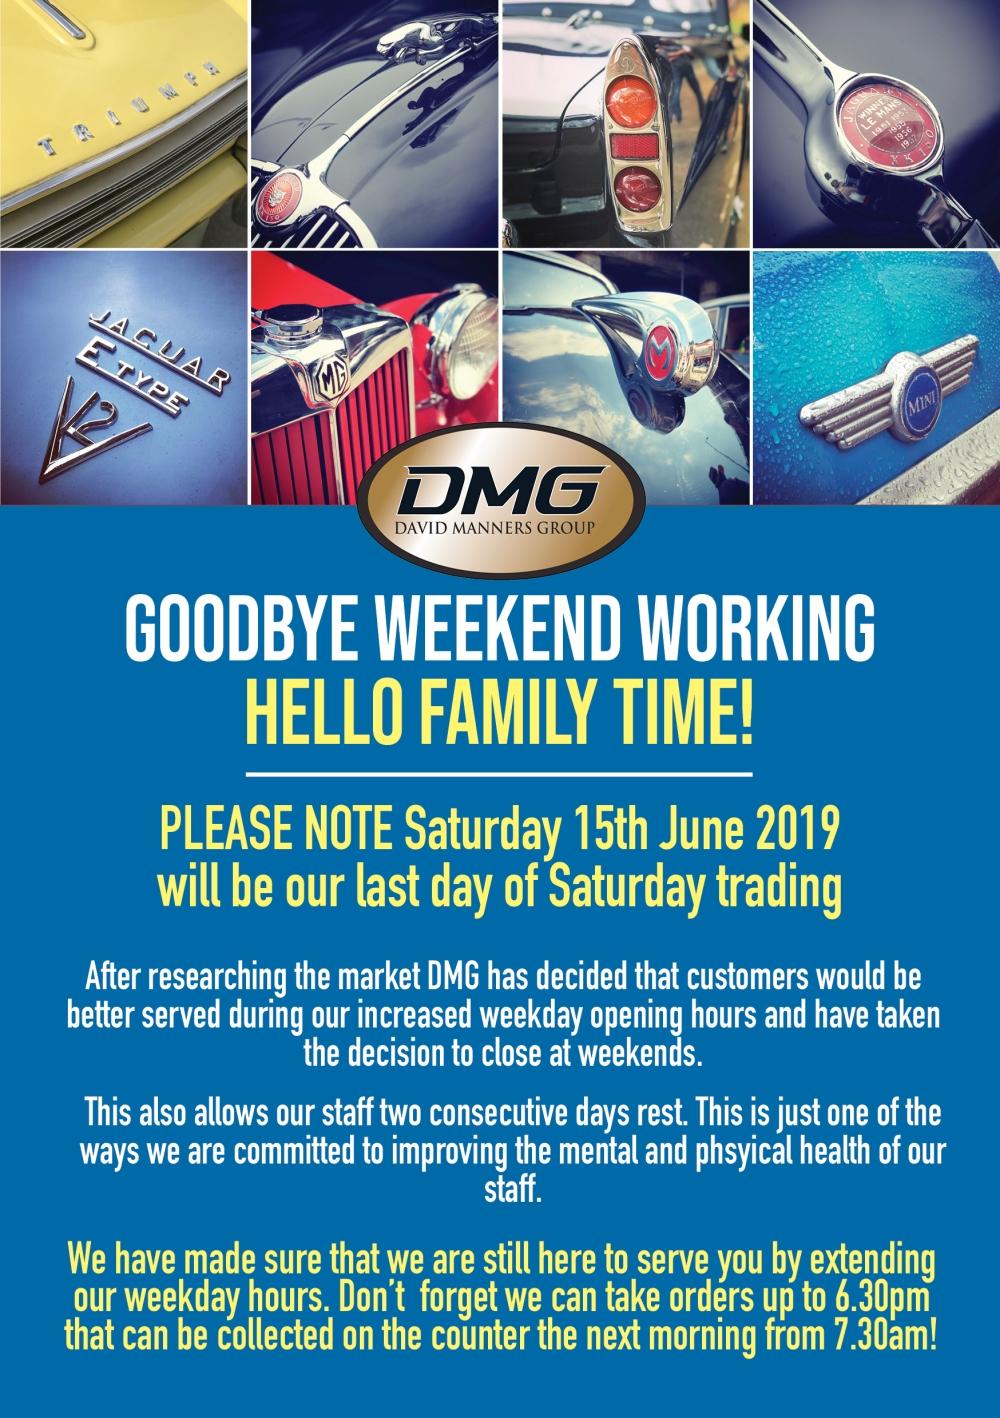 goodbye weekend working